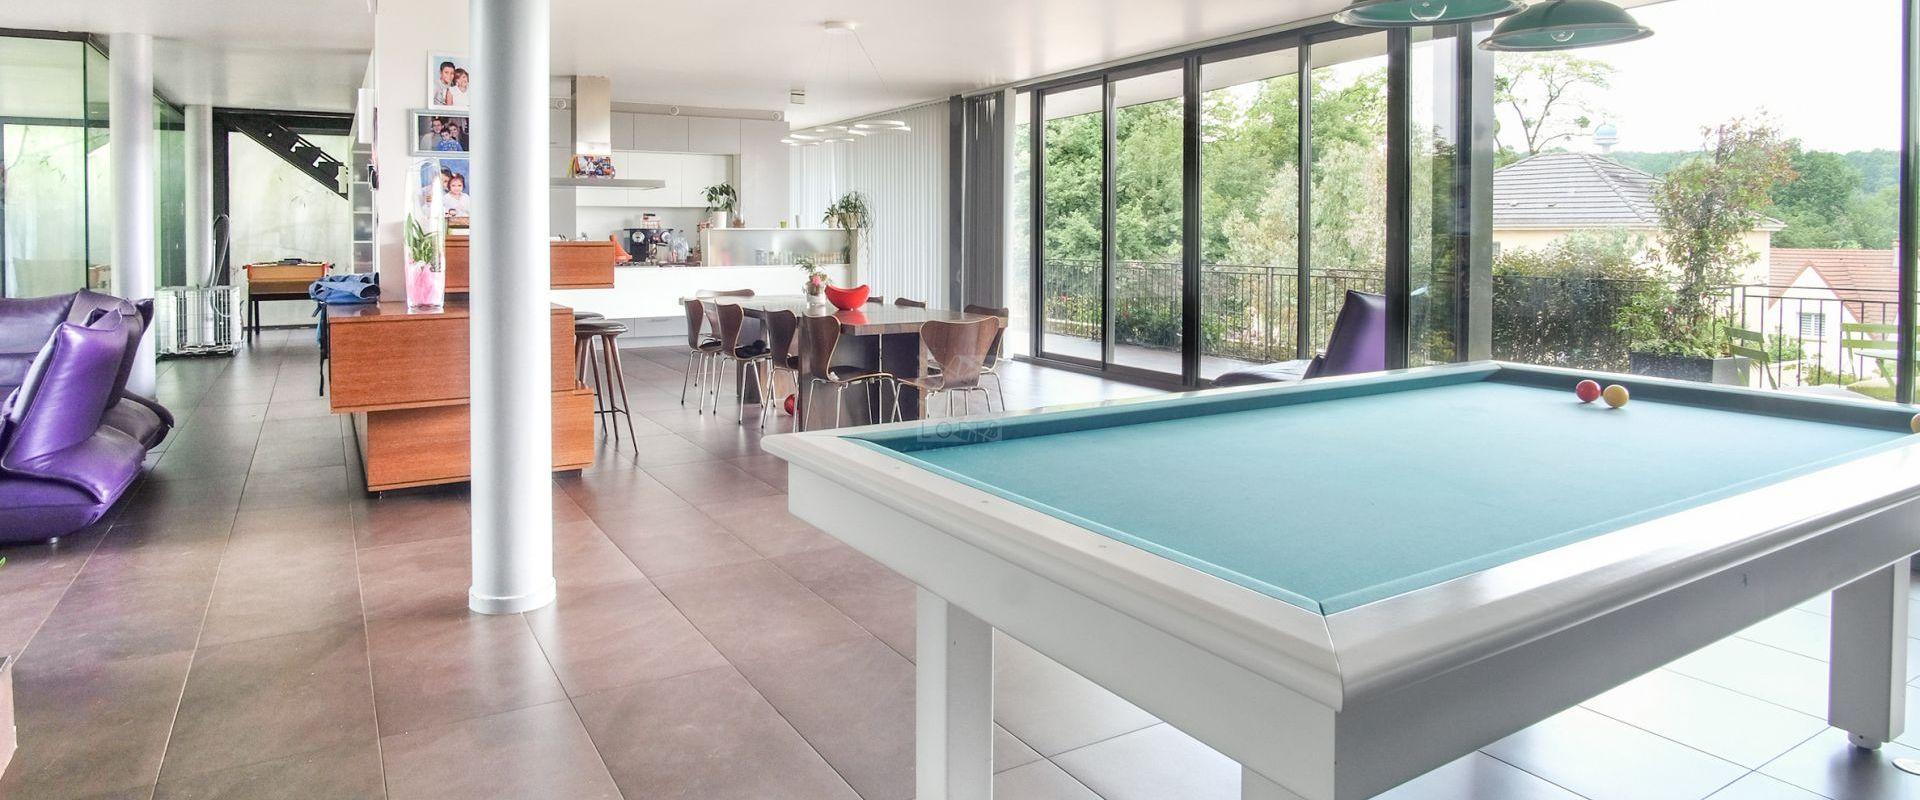 remarquable maison d 39 architecte avec piscine interieure. Black Bedroom Furniture Sets. Home Design Ideas